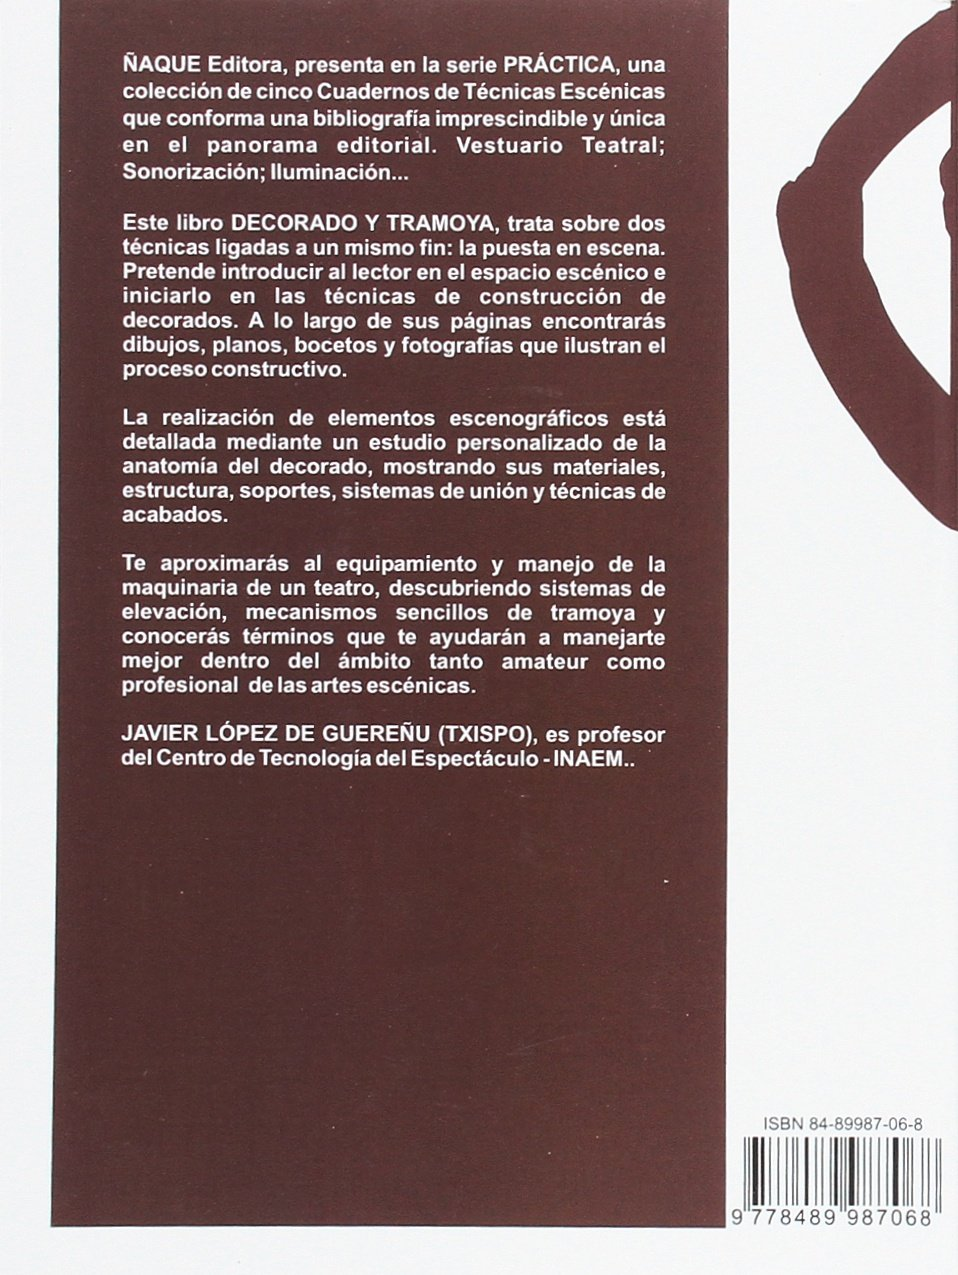 Decorado Y Tramoya ñaque Amazones Javier Lopez De Gure